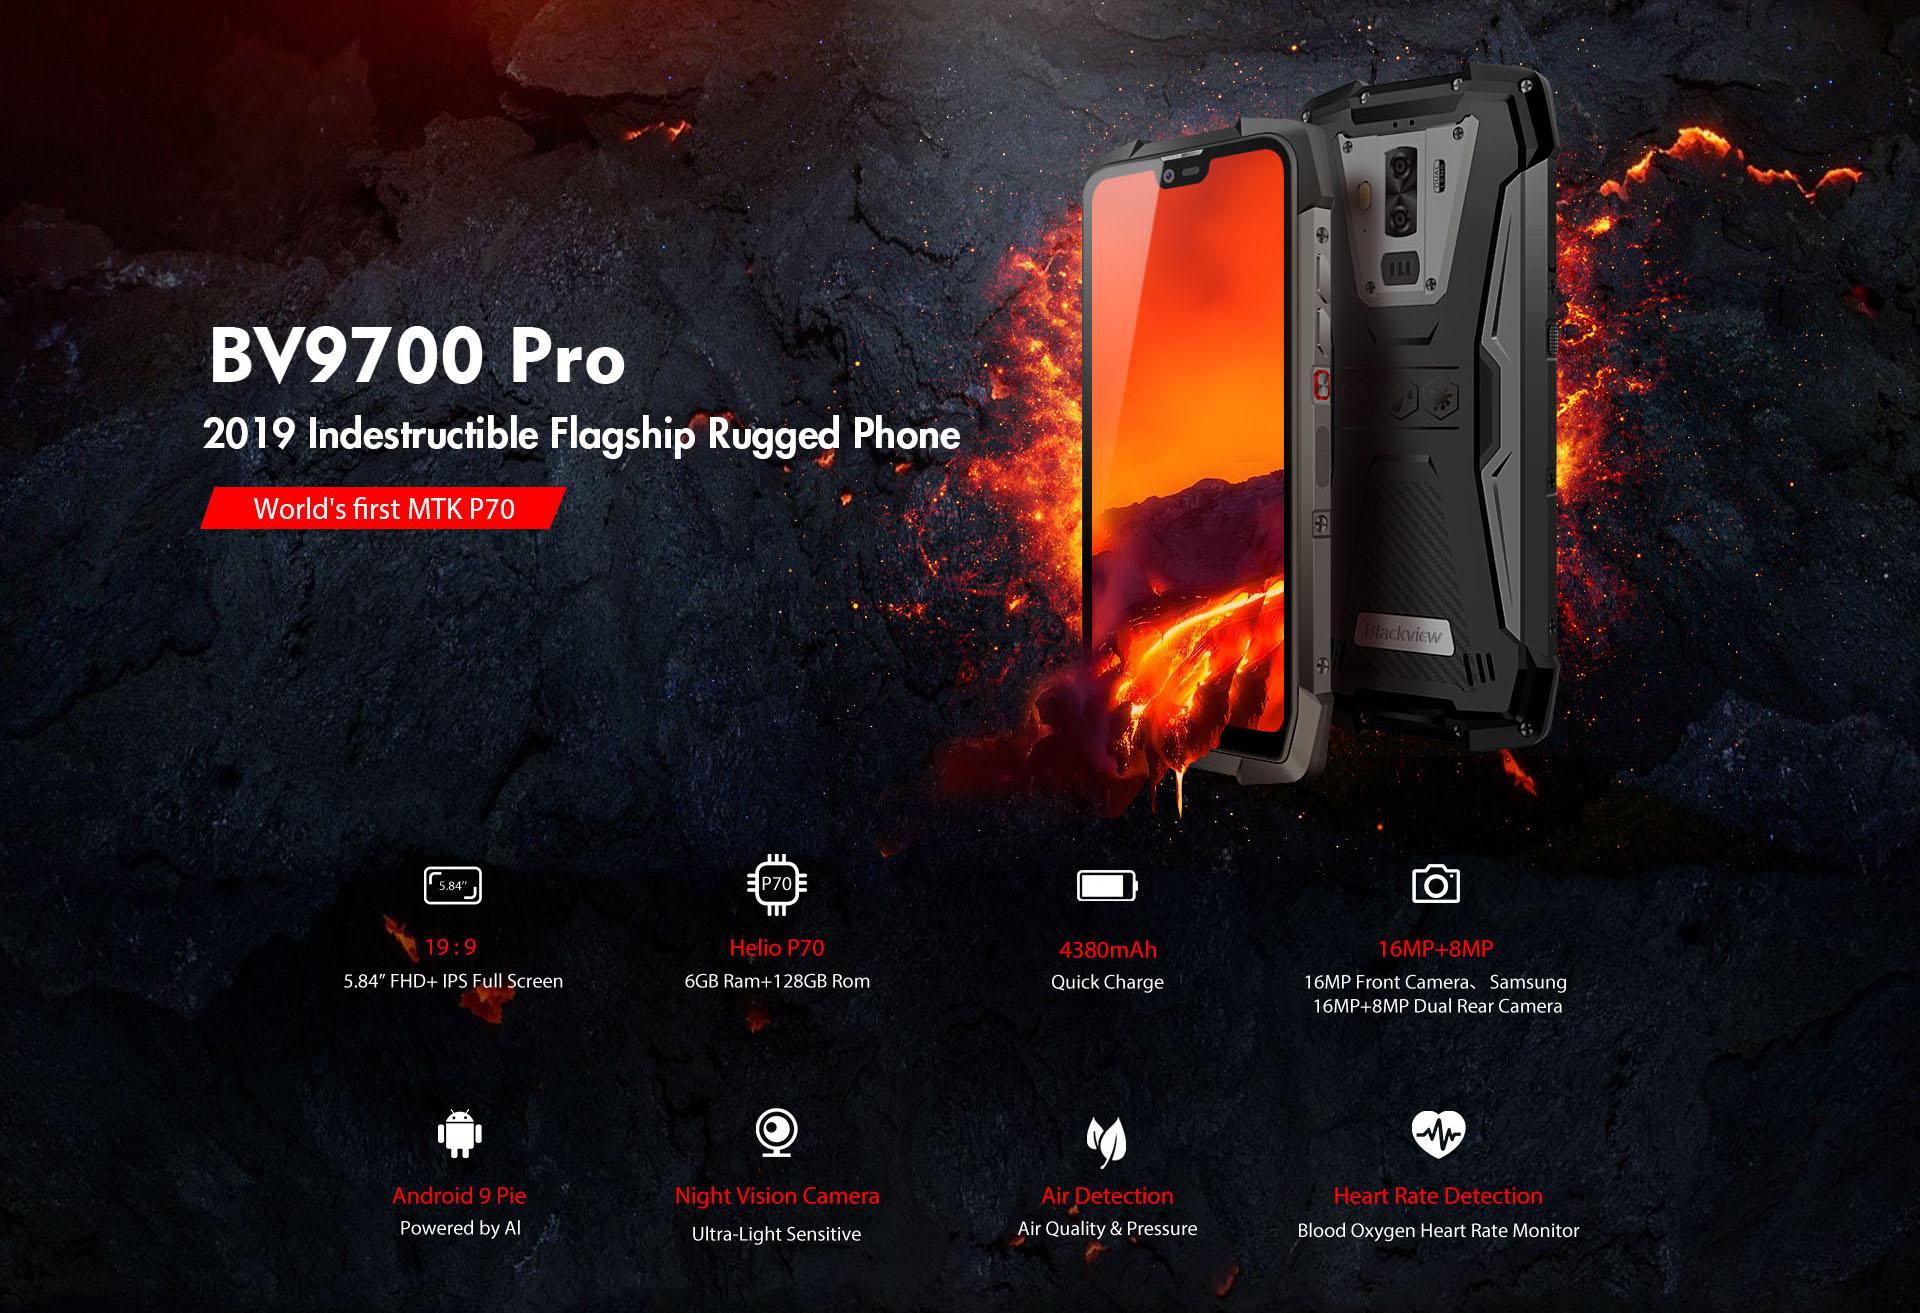 Първият в света смартфон Blackview BV9700 Pro, базиран на SoC